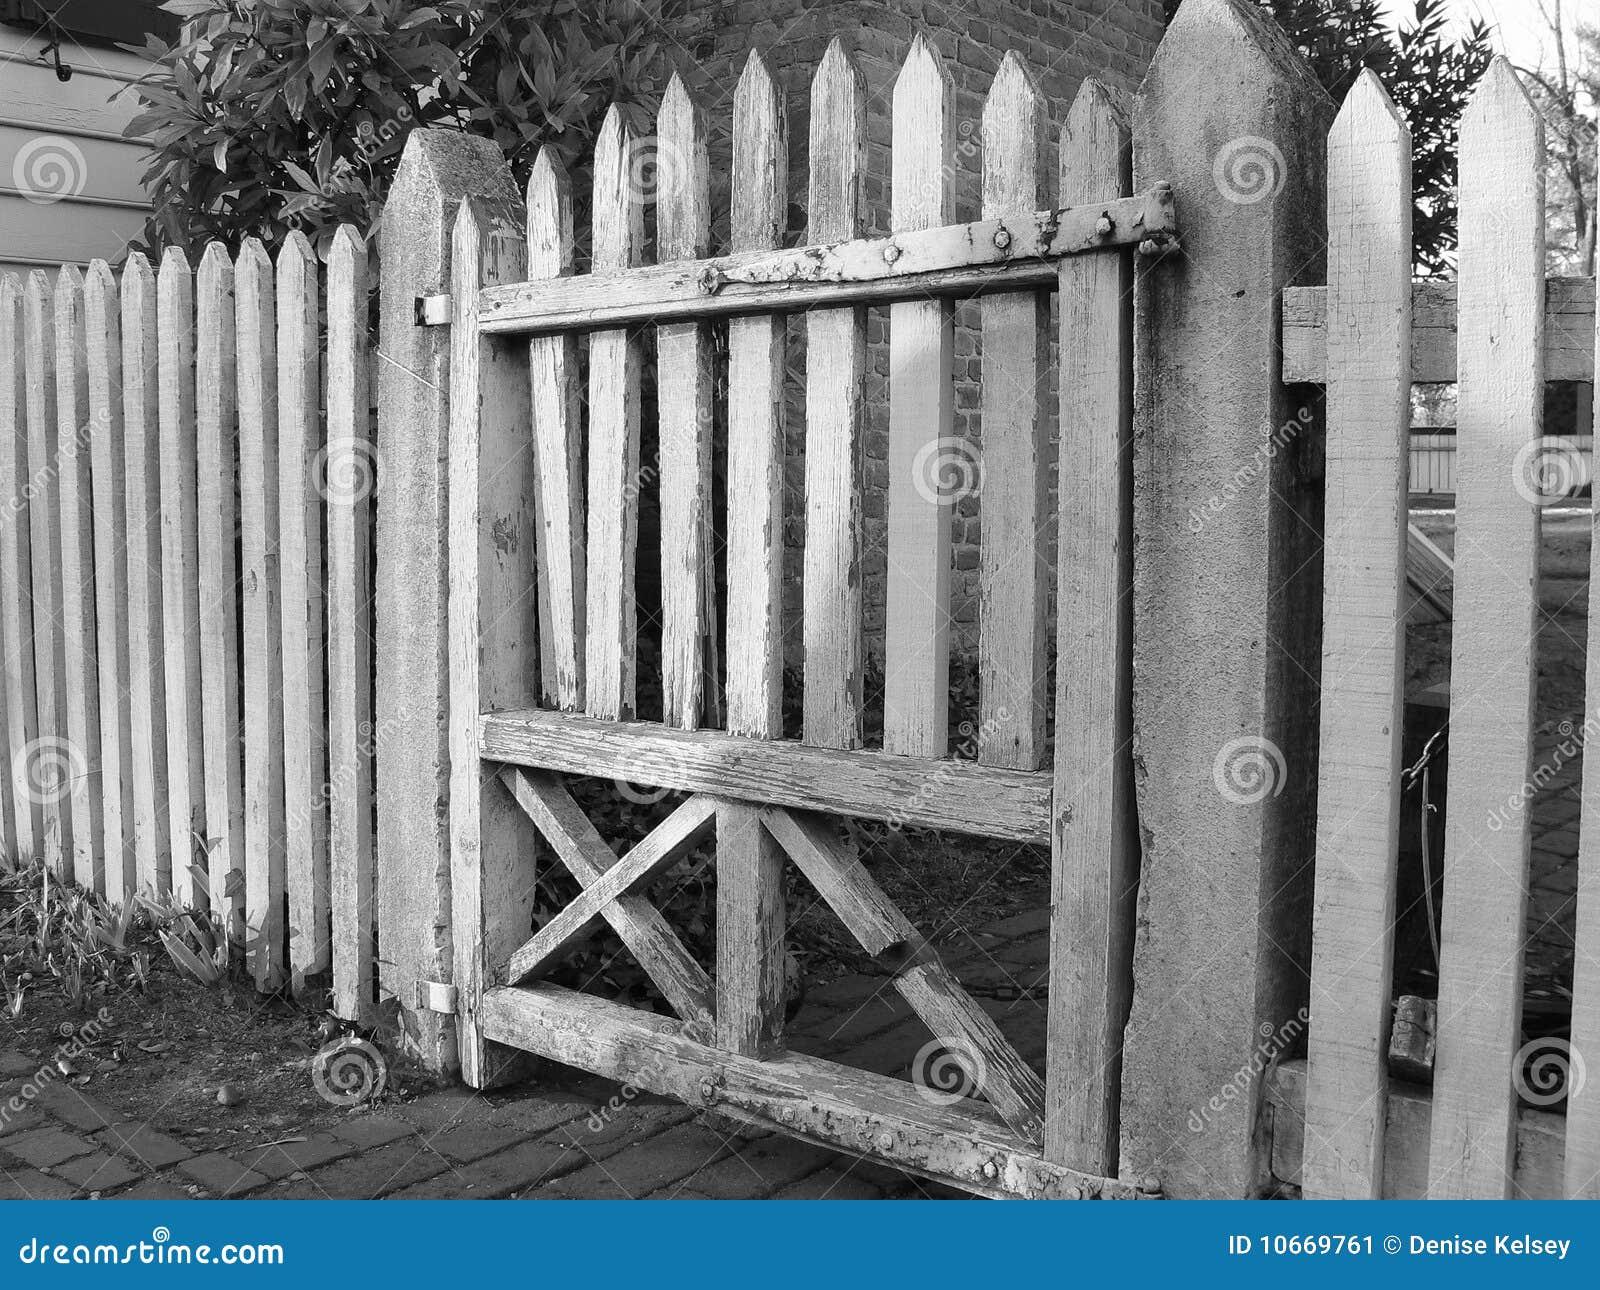 Vieille porte en bois noire et blanche image stock image for Porte blanche en bois